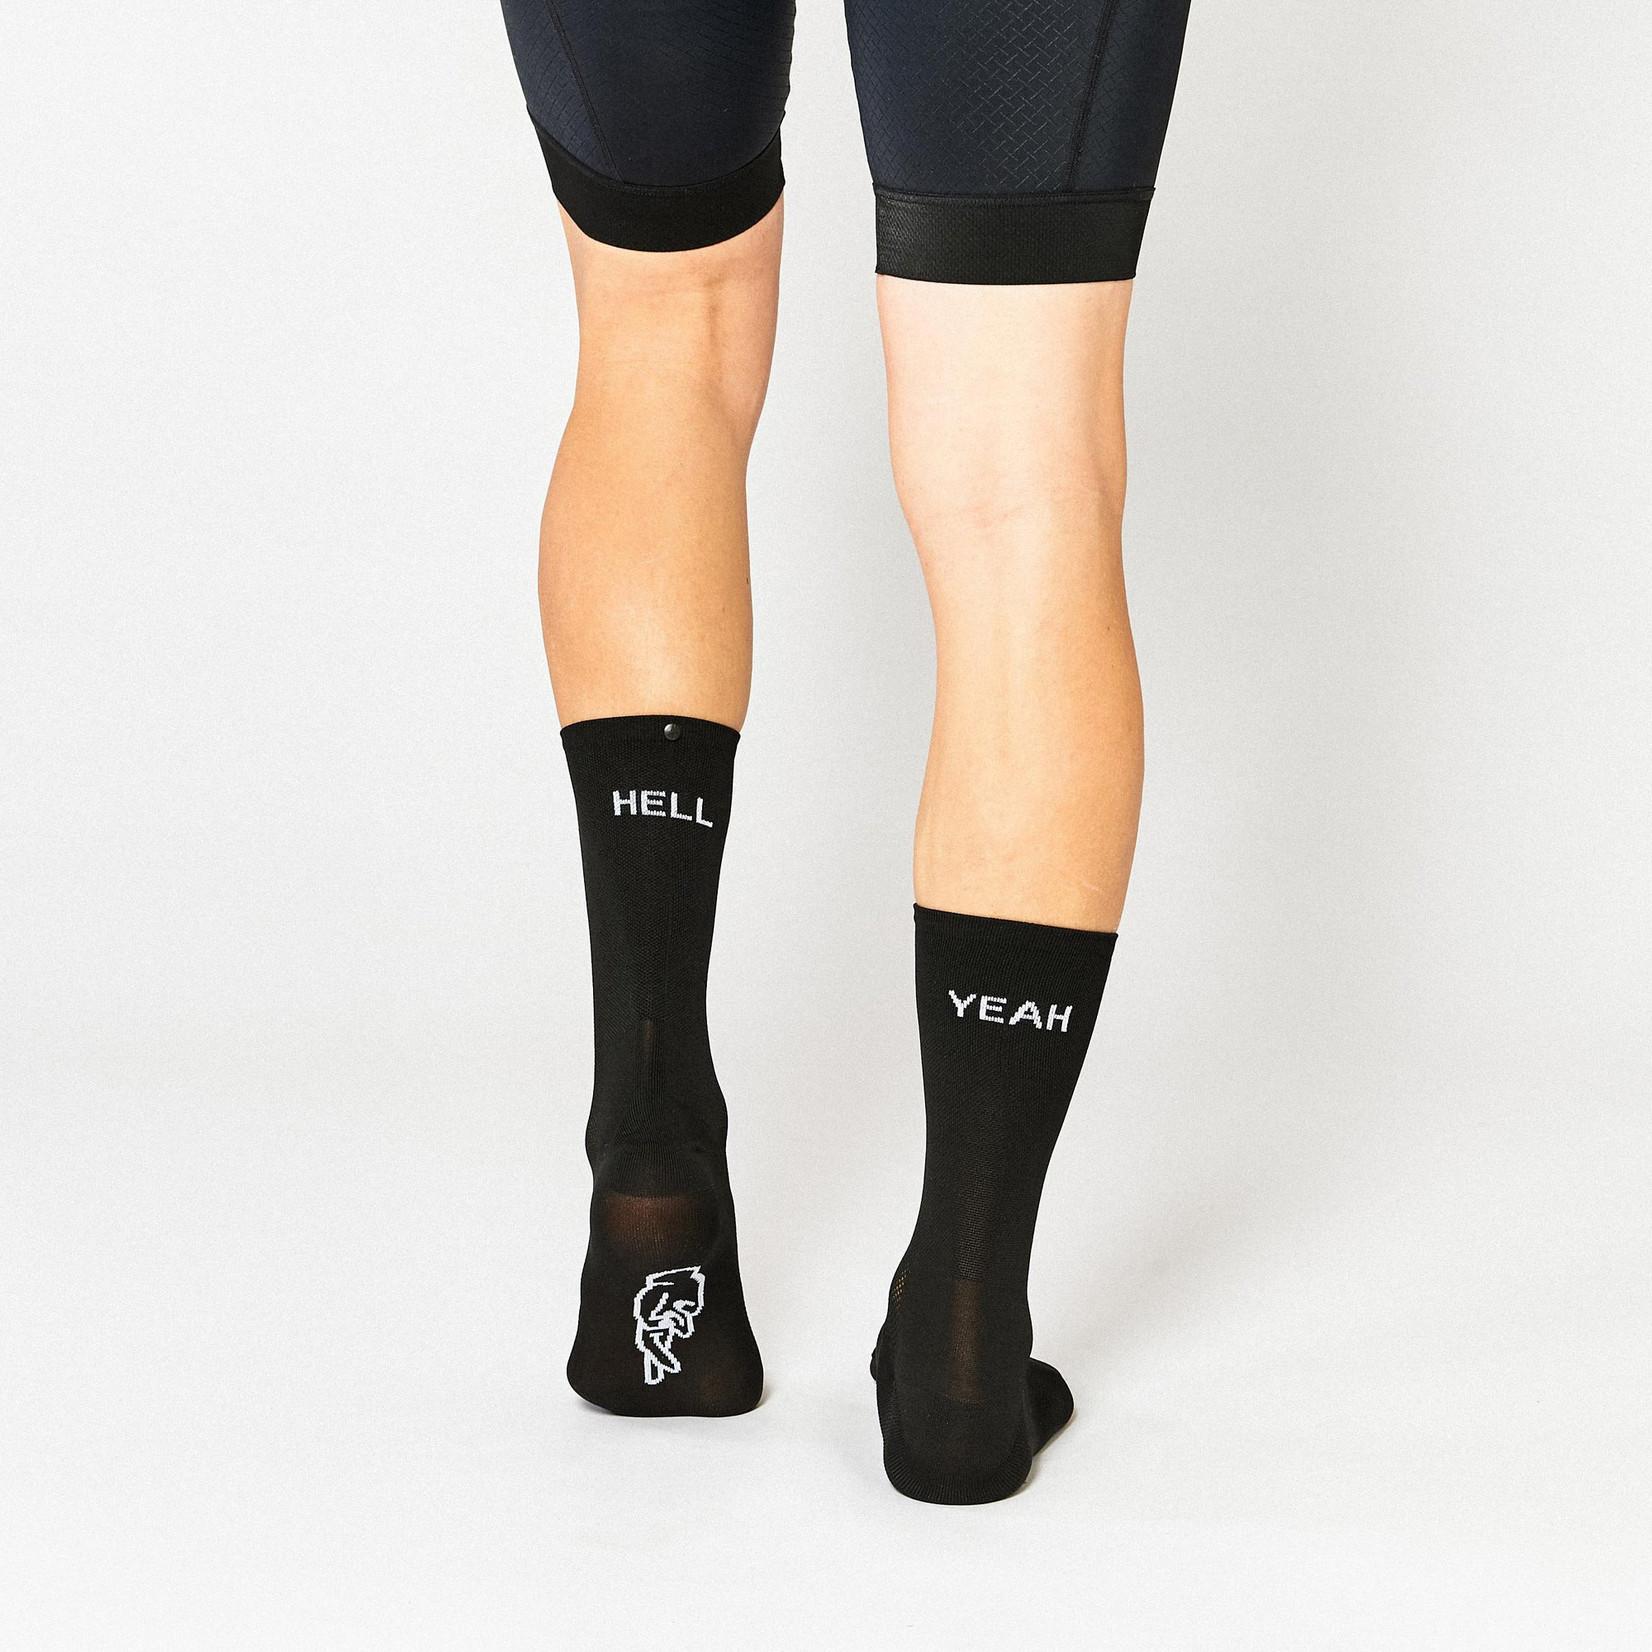 Fingerscrossed FINGERSCROSSED Socks - Hell Yeah 1.0 Black